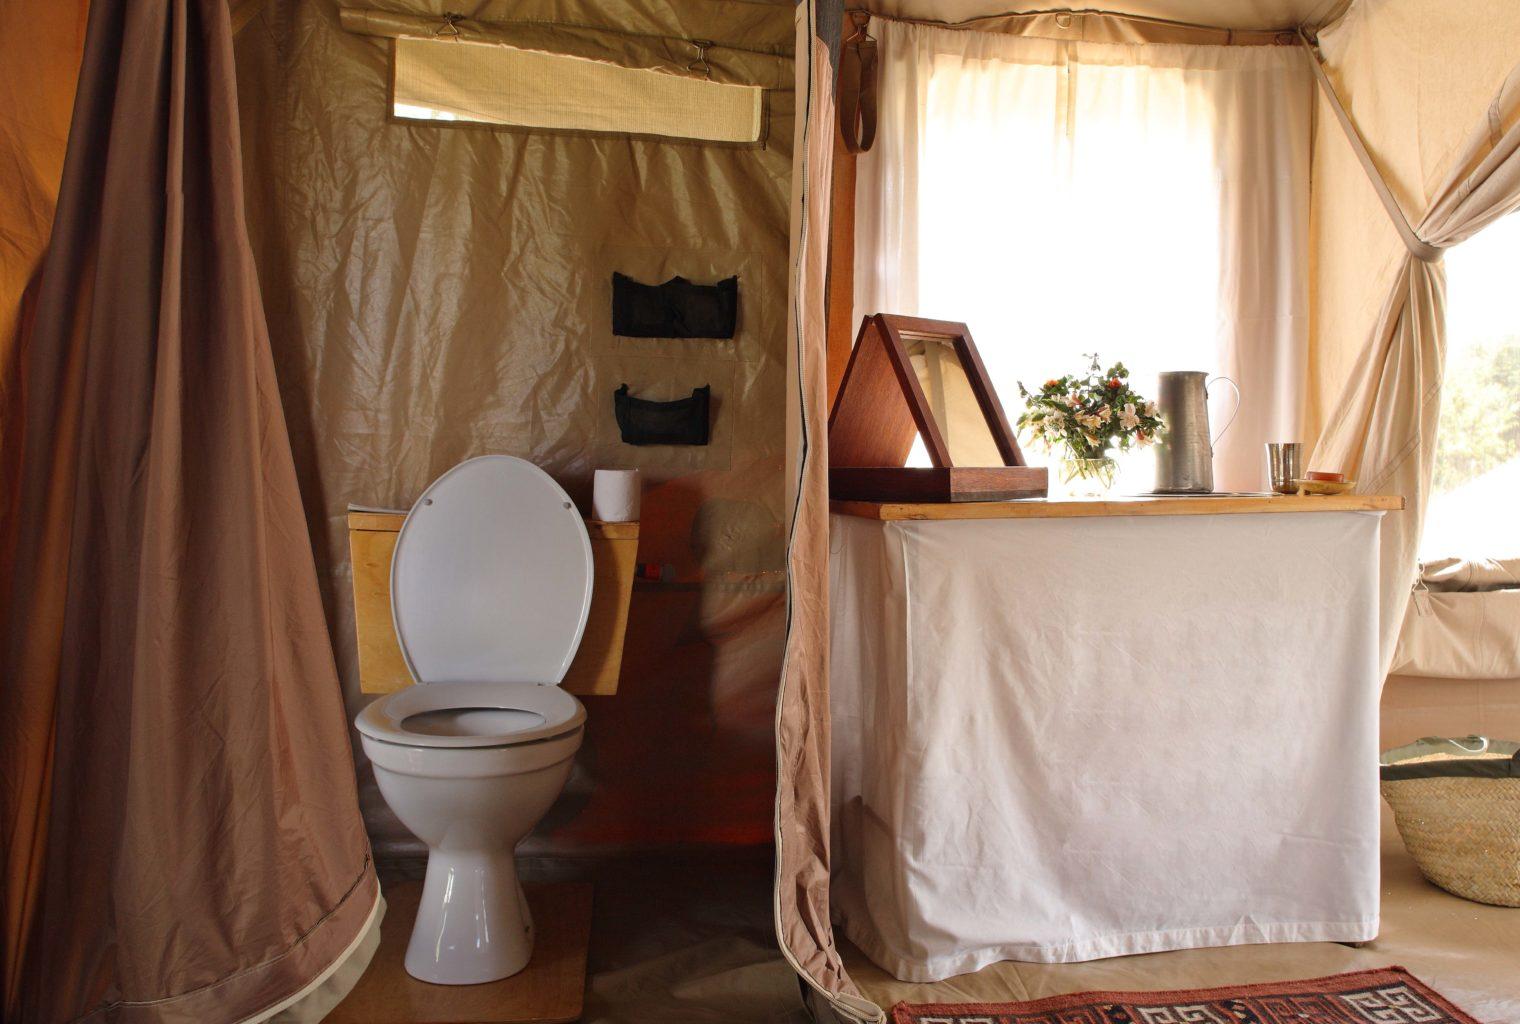 Lowis-and-Leakey-Kenya-Bathroom